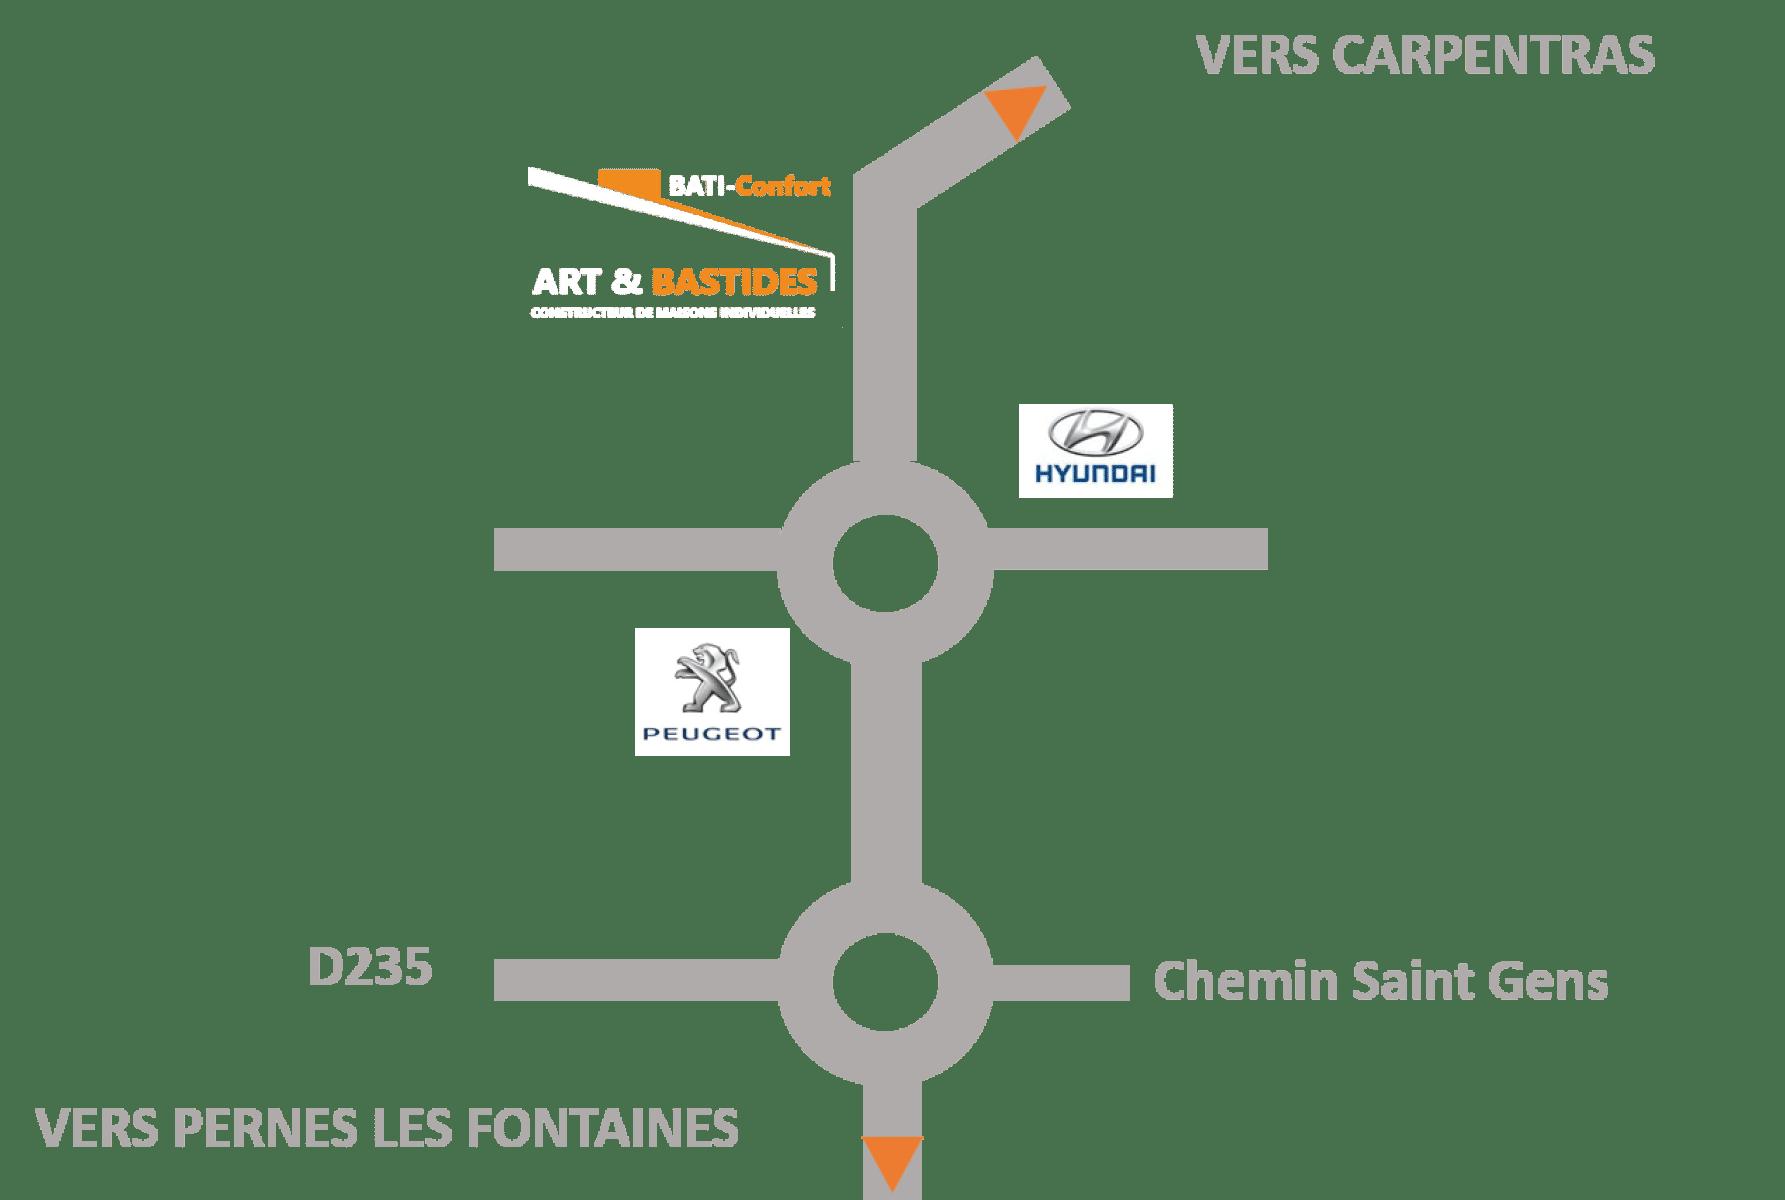 Trouver l'entreprise ART ET BASTIDES à Carpentras constructeur de maisons neuves dans le Vaucluse.